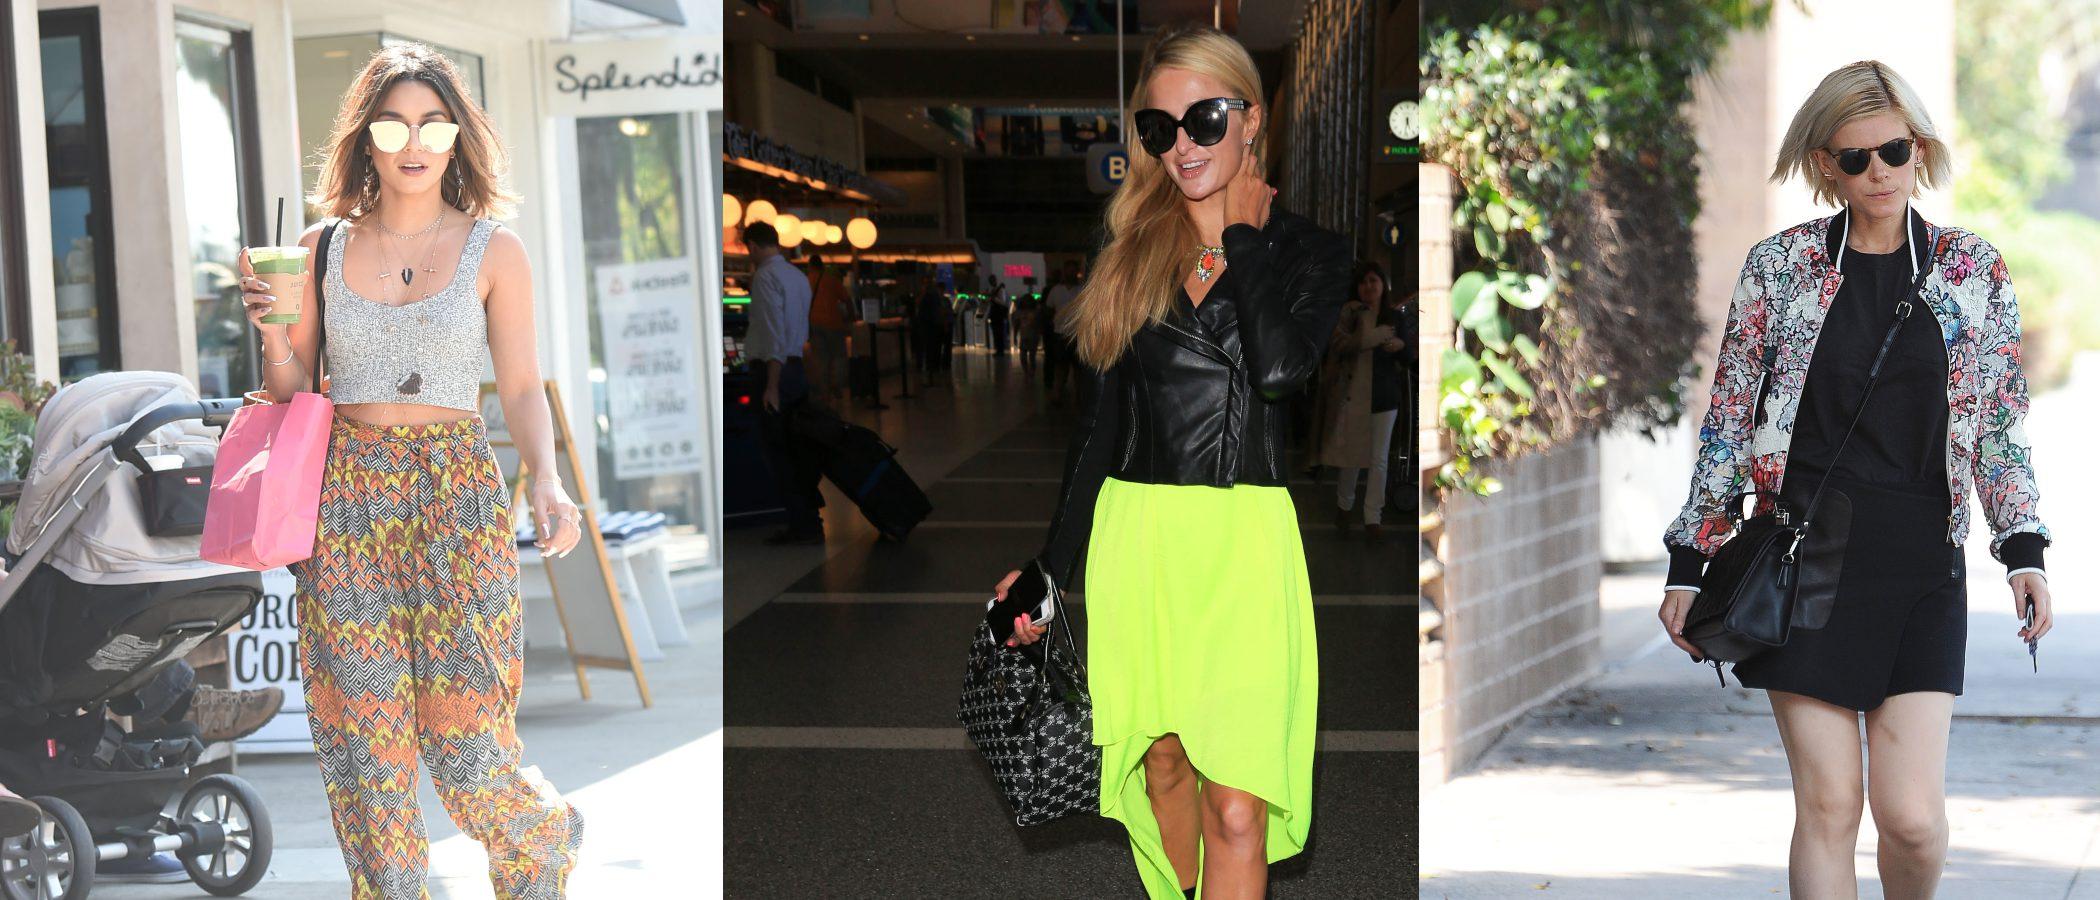 Tendencias urbanas: Paris Hilton, Kate Mara y Vanessa Hudgens, reinas de los looks de verano en la ciudad